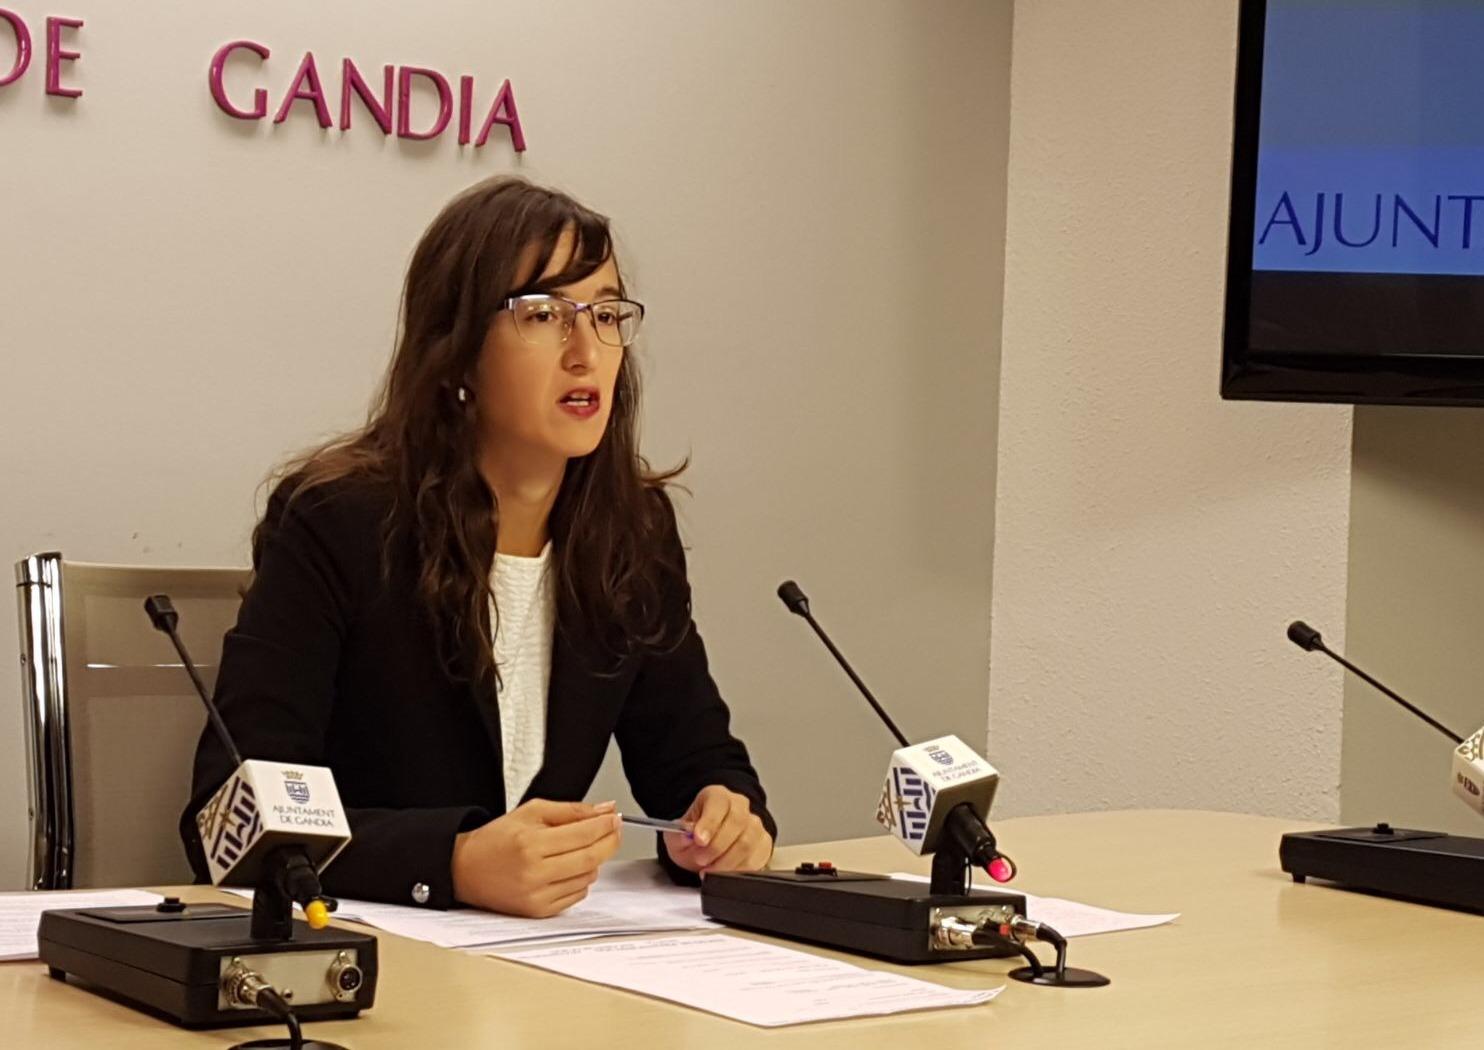 La concejalía de Educación de Gandia reclamará 64.000 euros a la antigua empresa gestora de les Escoletes